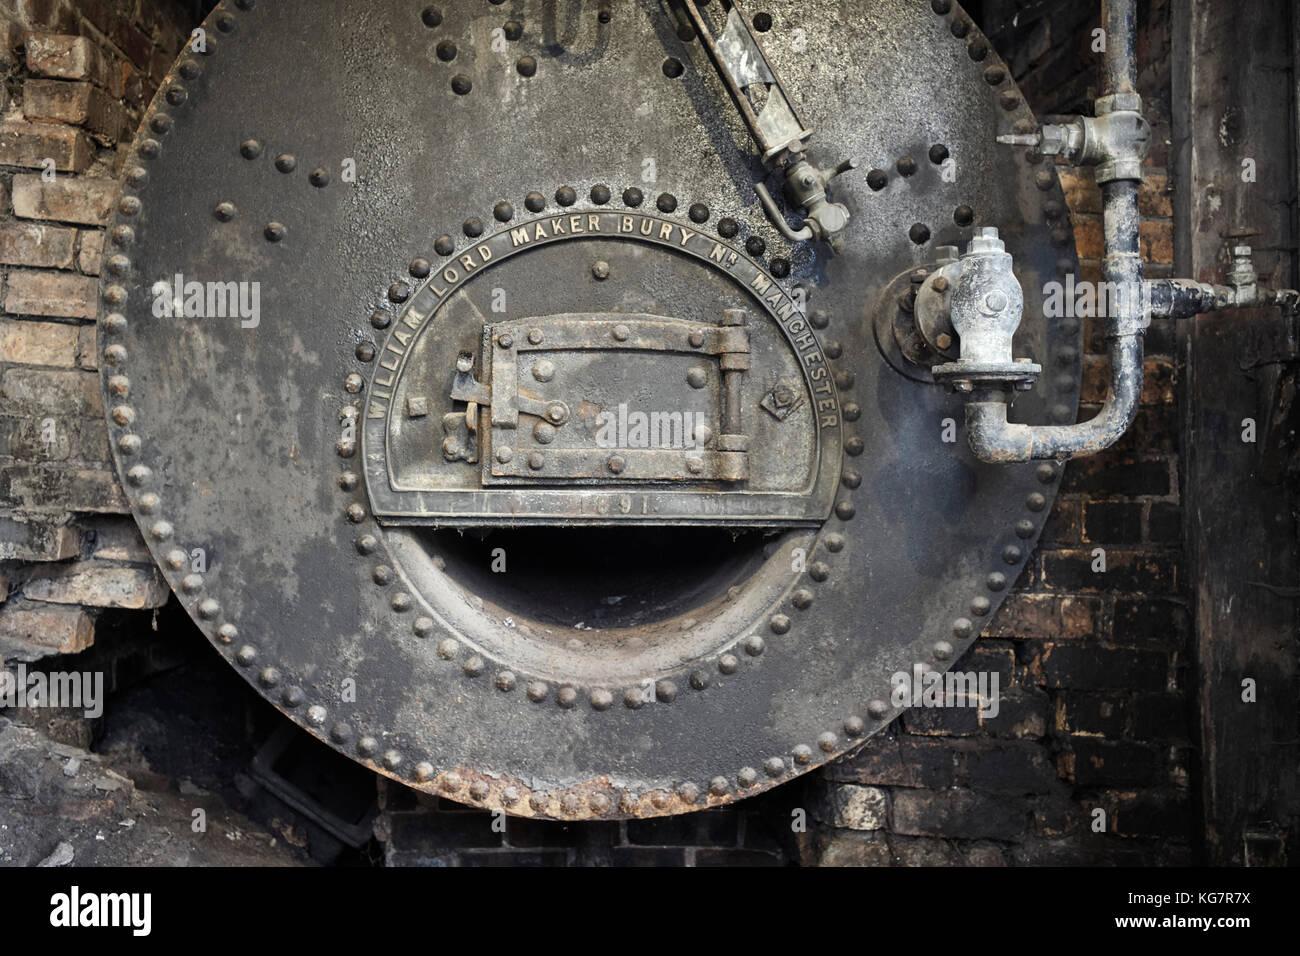 Steam Power Historical Stockfotos & Steam Power Historical Bilder ...